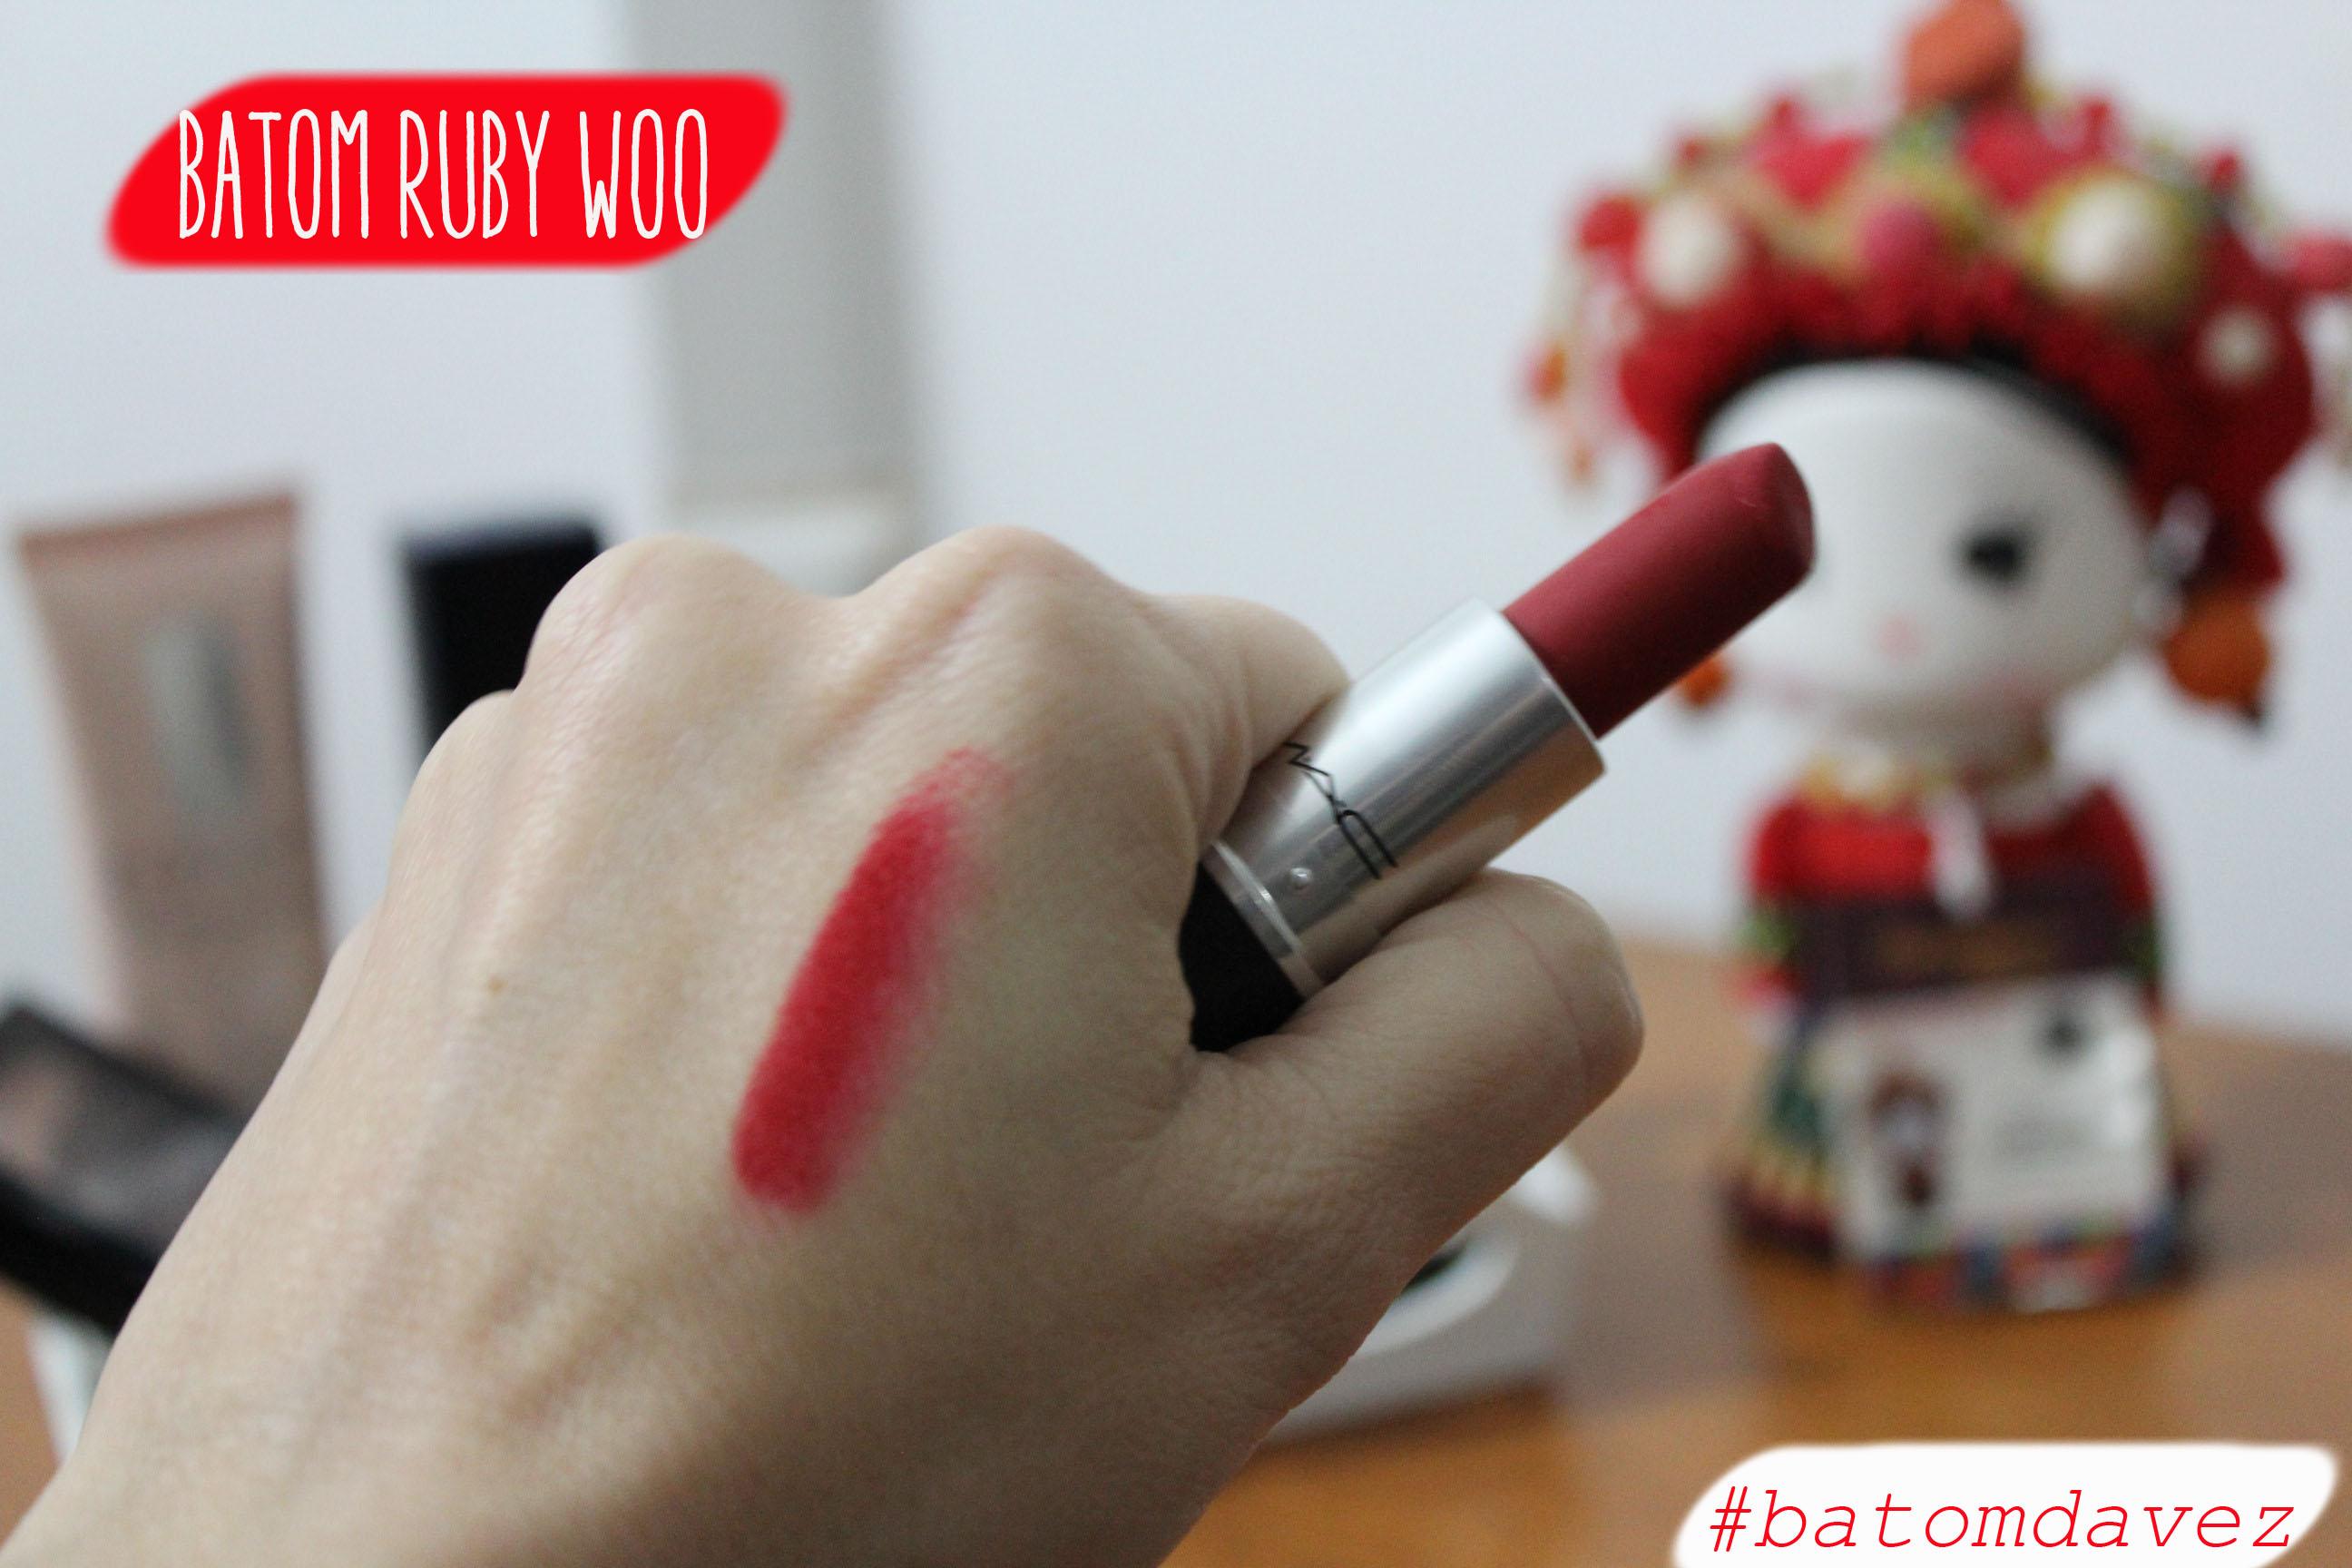 Ruby woo_01